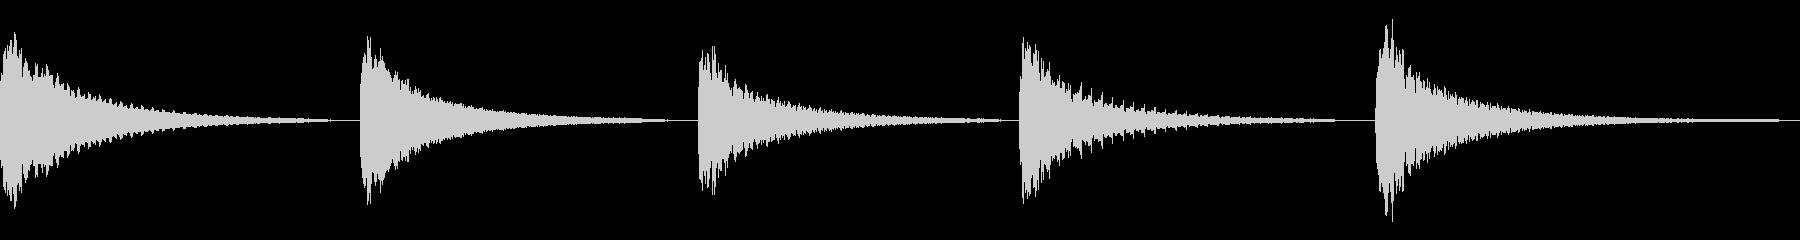 ムーグ、ヒット、インパクト、レゾネ...の未再生の波形